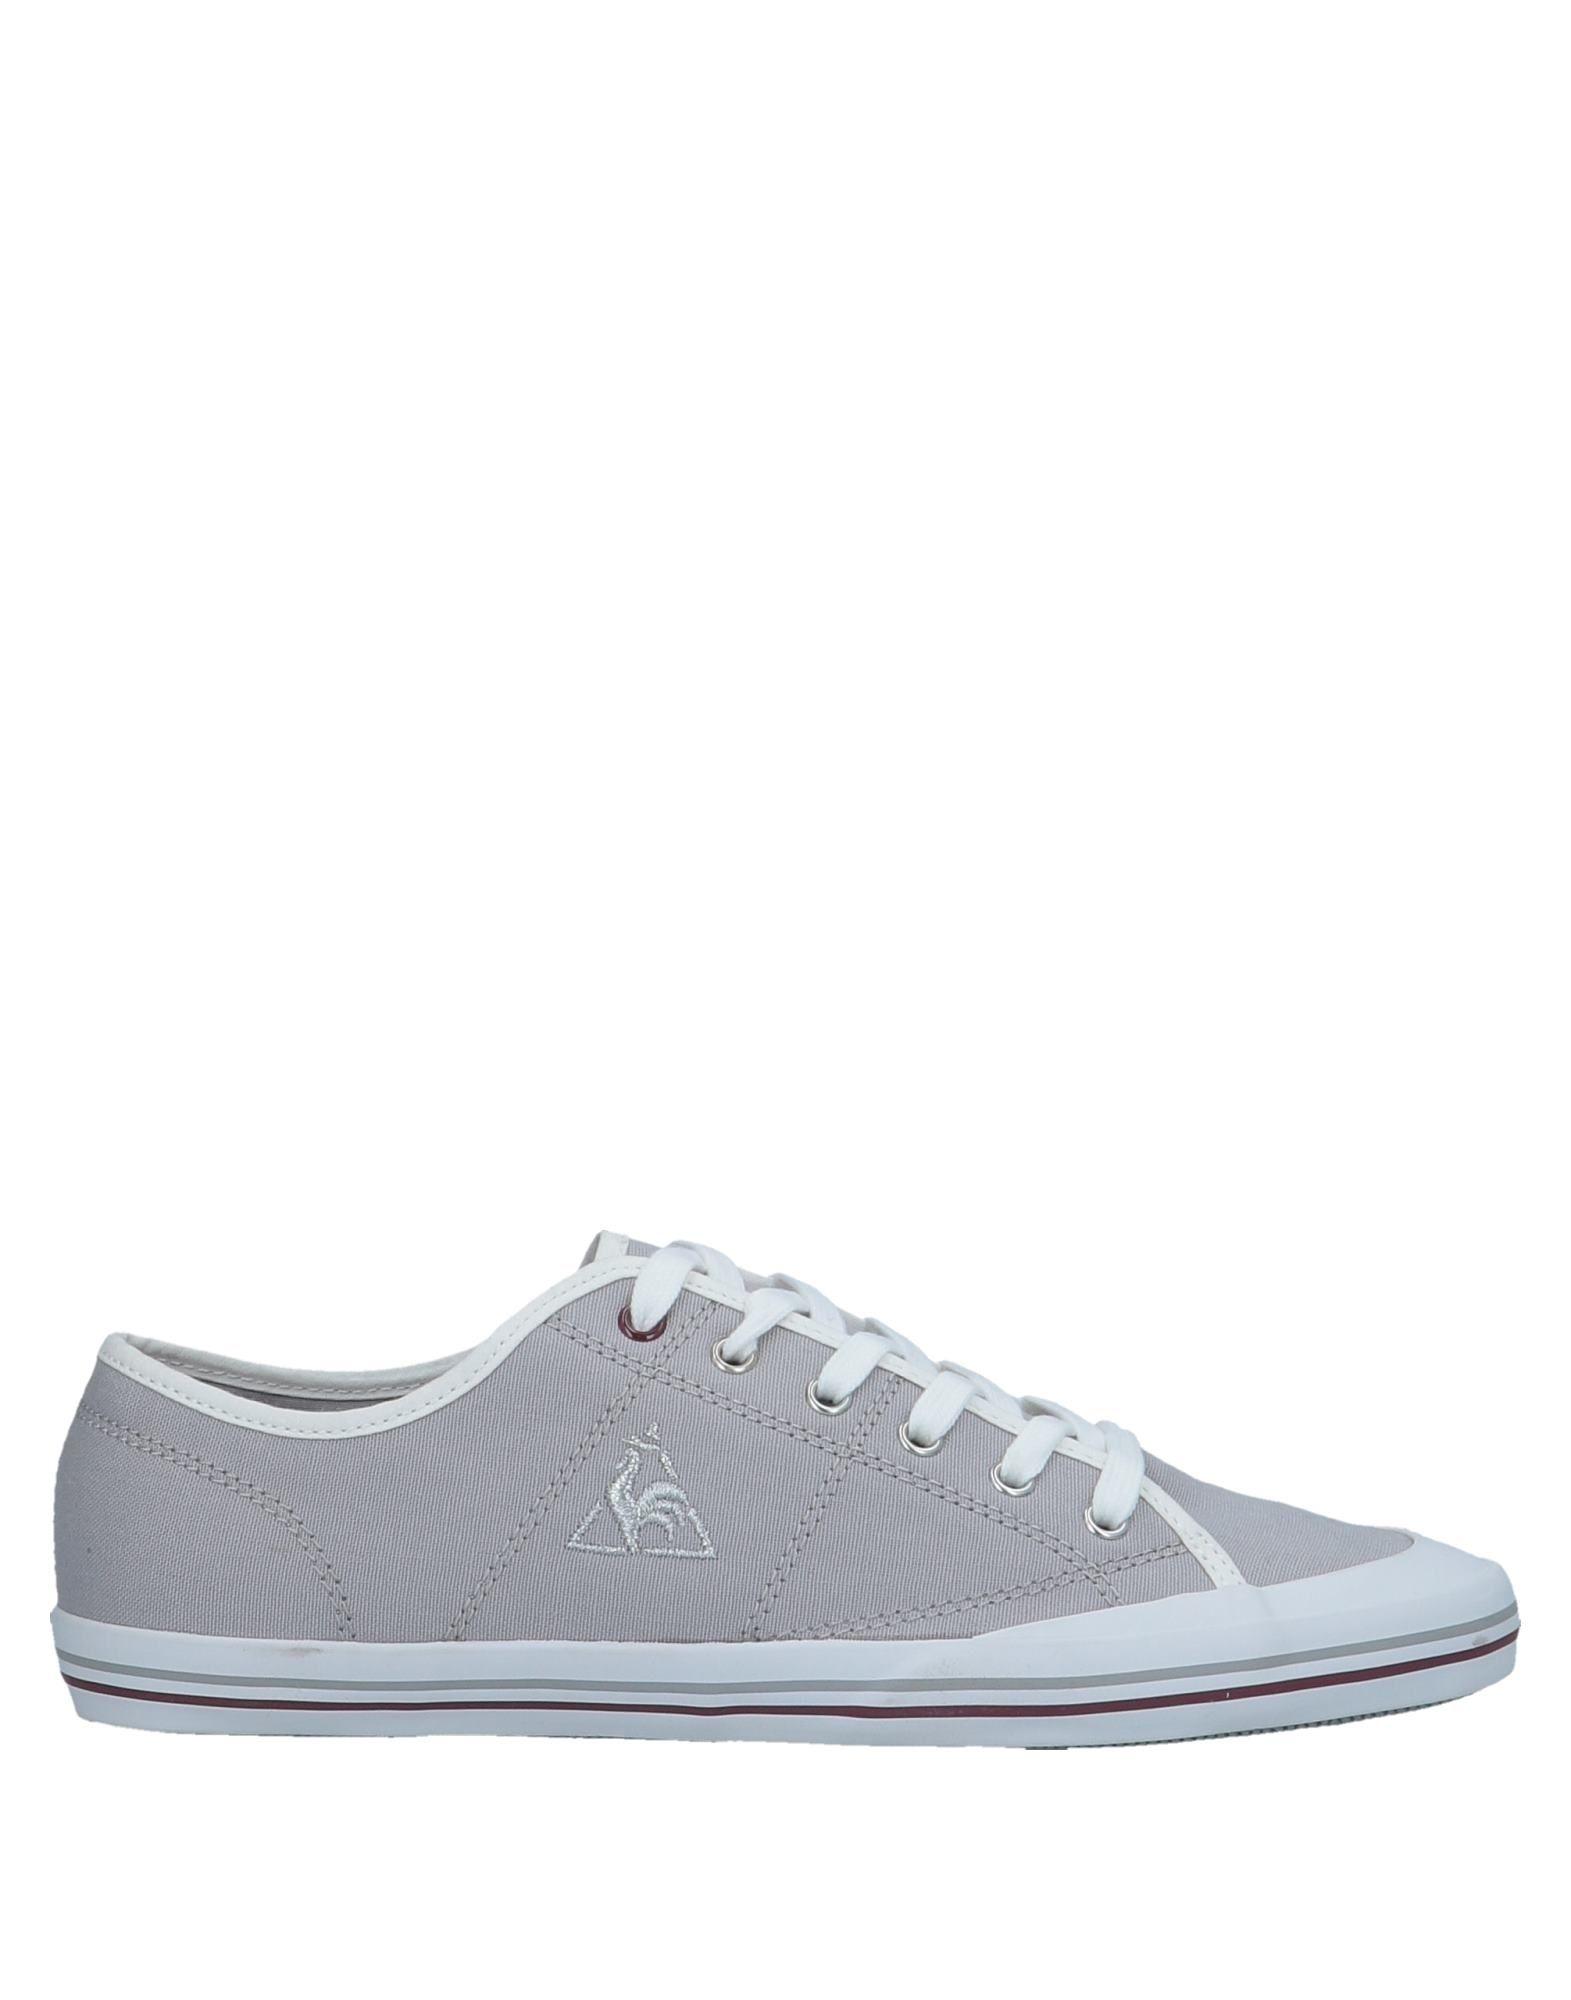 Rabatt echte Schuhe Le Coq Sportif Sneakers Herren  11539149AX